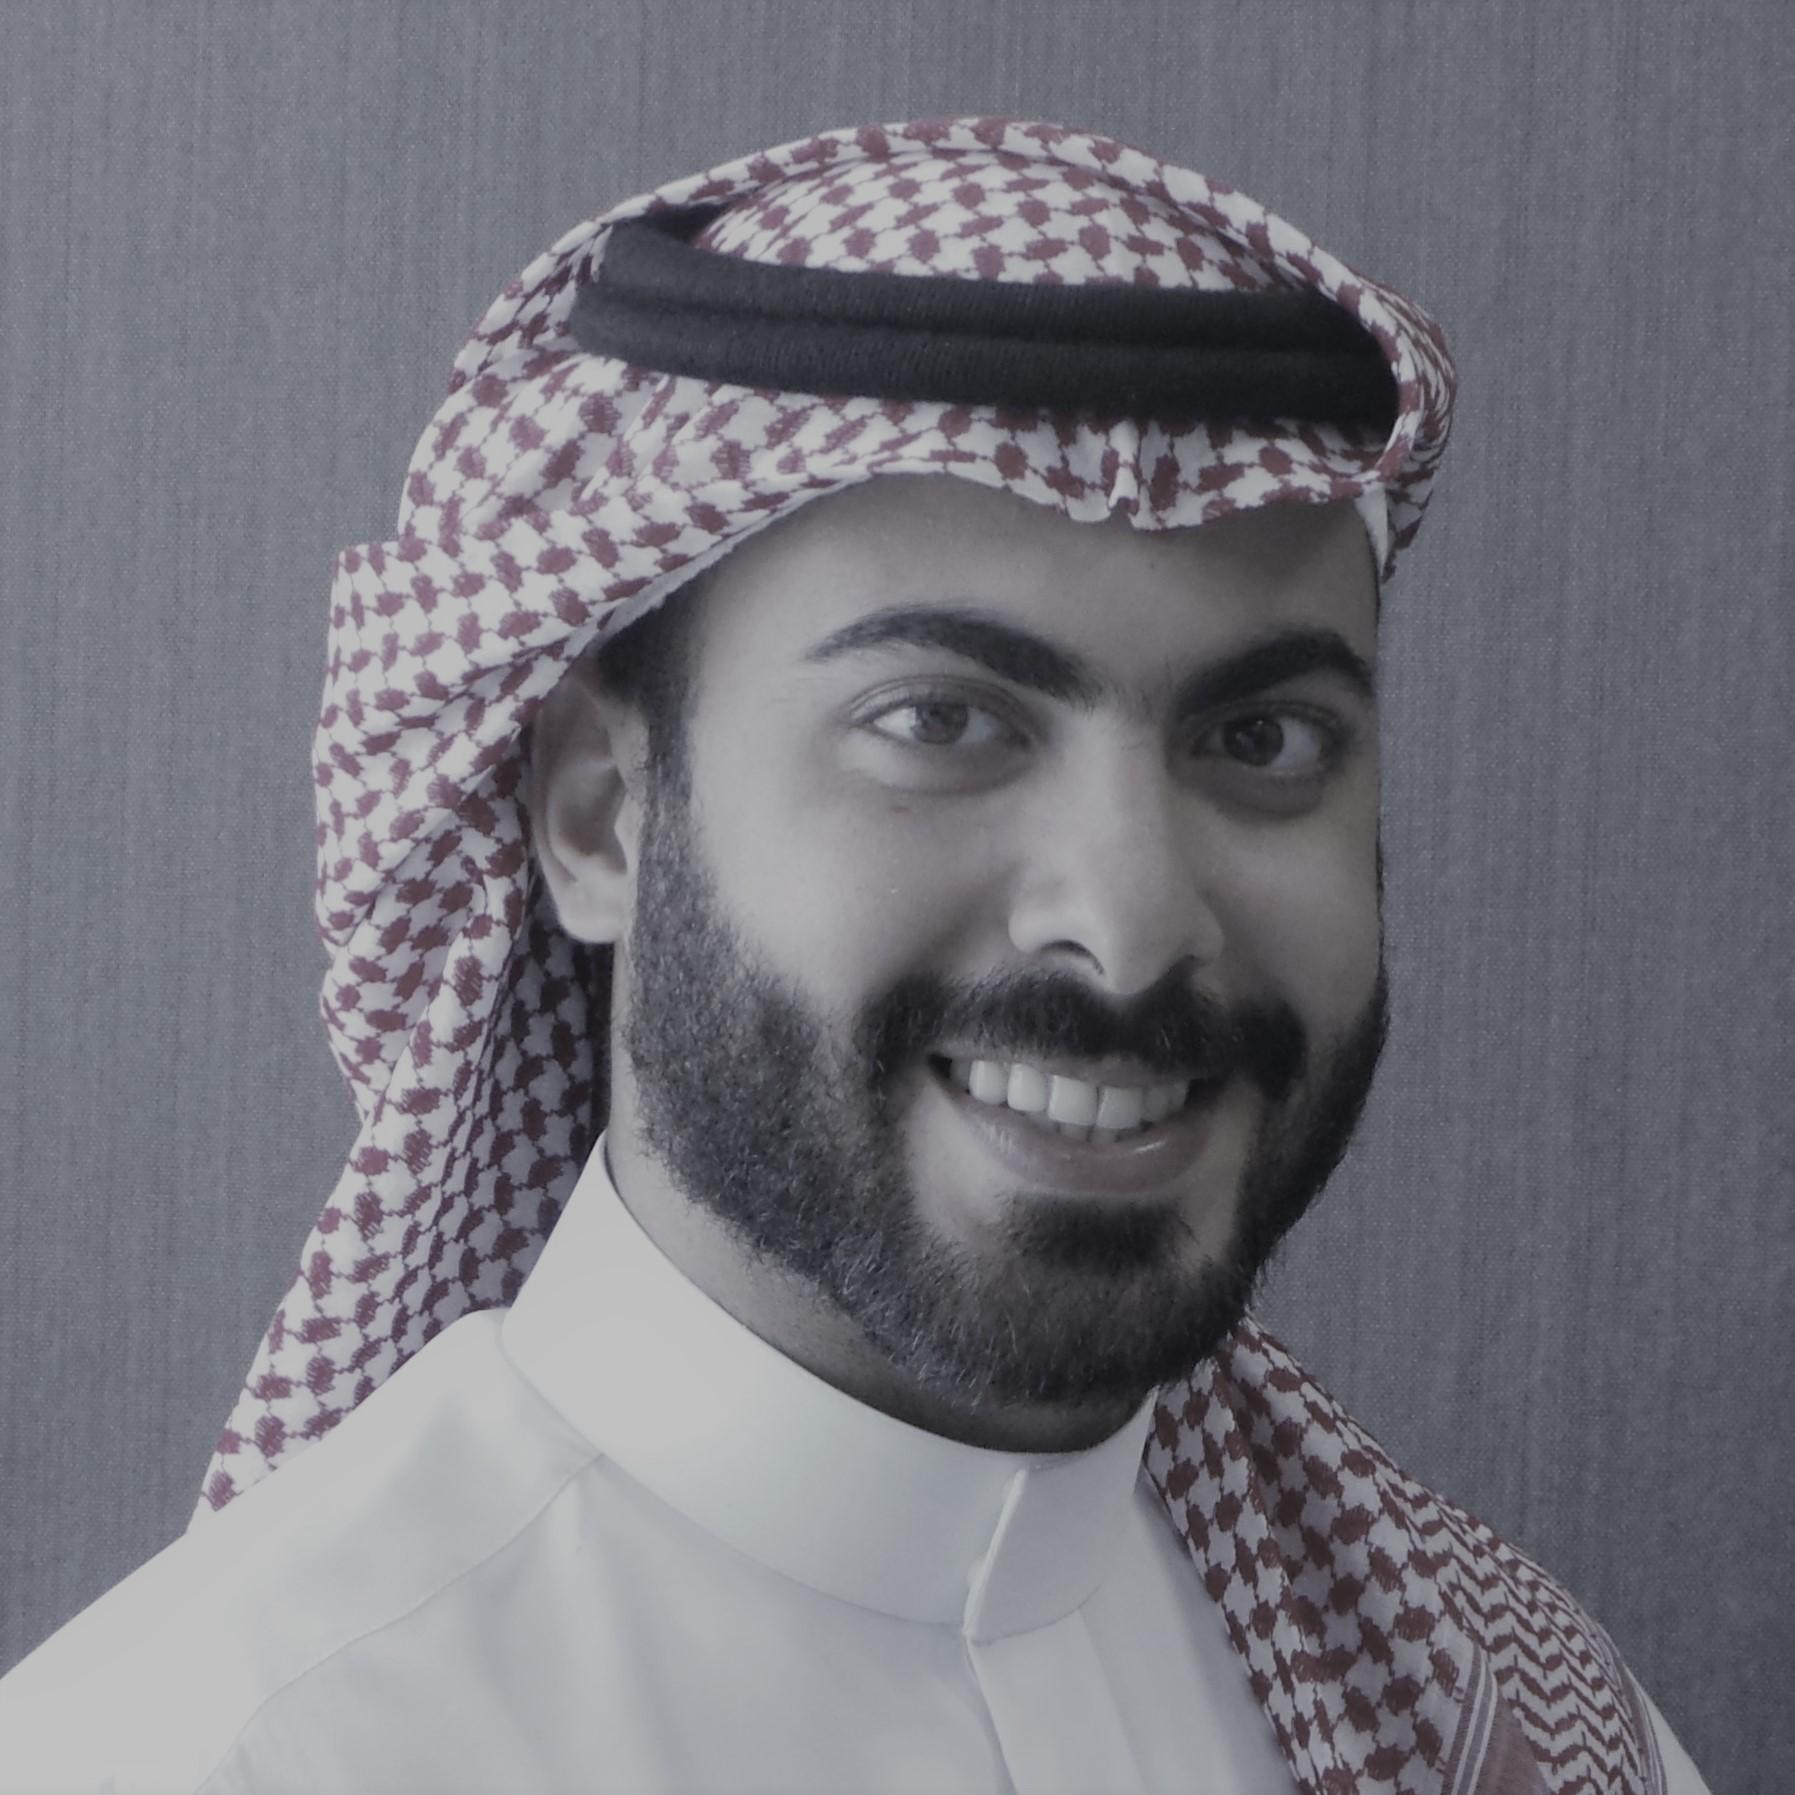 Abdulsalam Alkuwaity - Copy